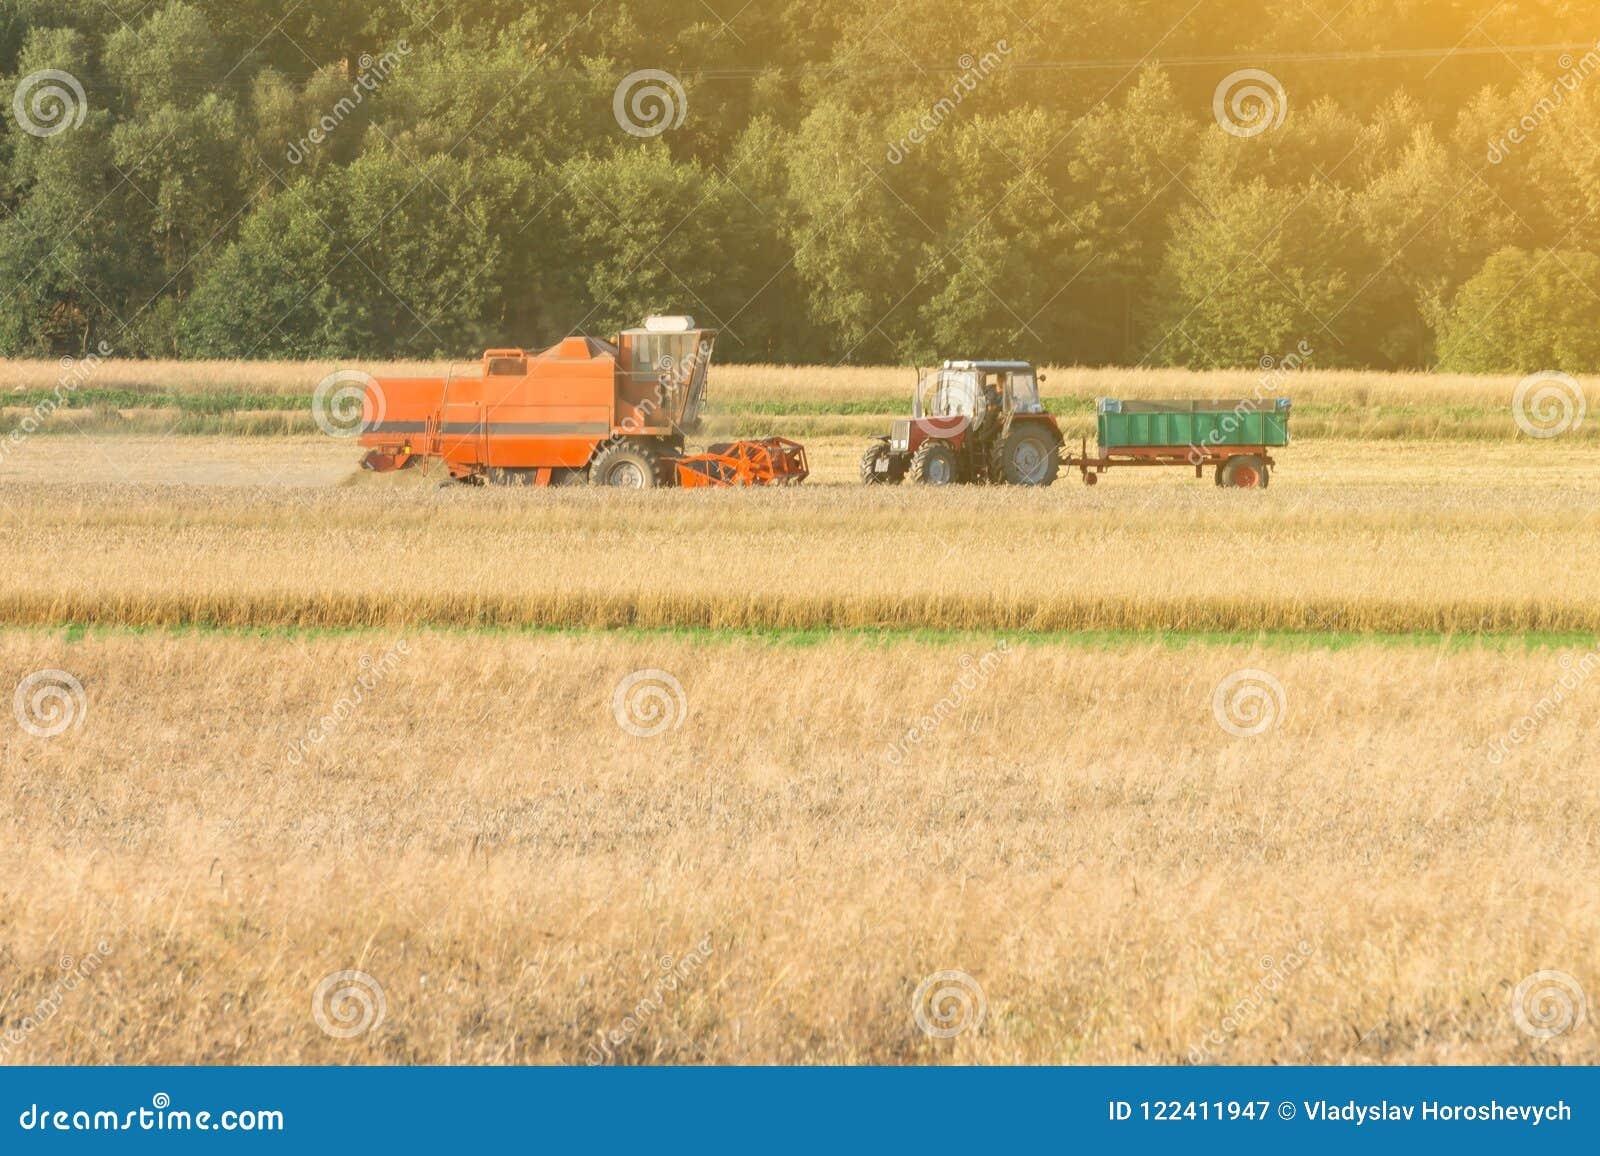 La máquina segador del grano recoge el trigo en el campo debajo del sol caliente, campo de trigo, cosecha del trigo